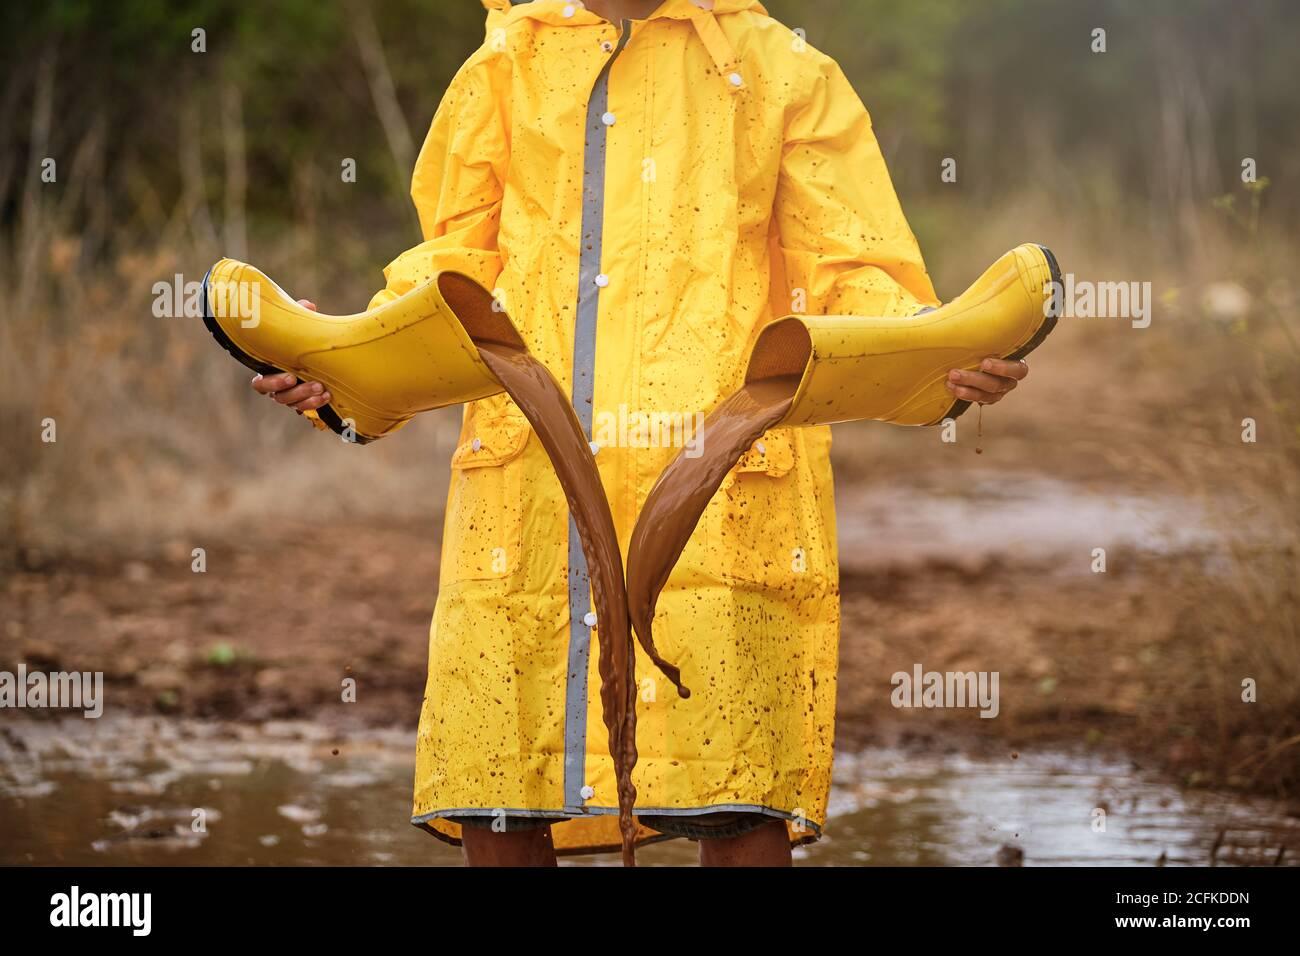 Persona con impermeable amarillo jugando con las botas de agua llenarlos con agua de un charco y vaciarlos en medio del bosque Foto de stock